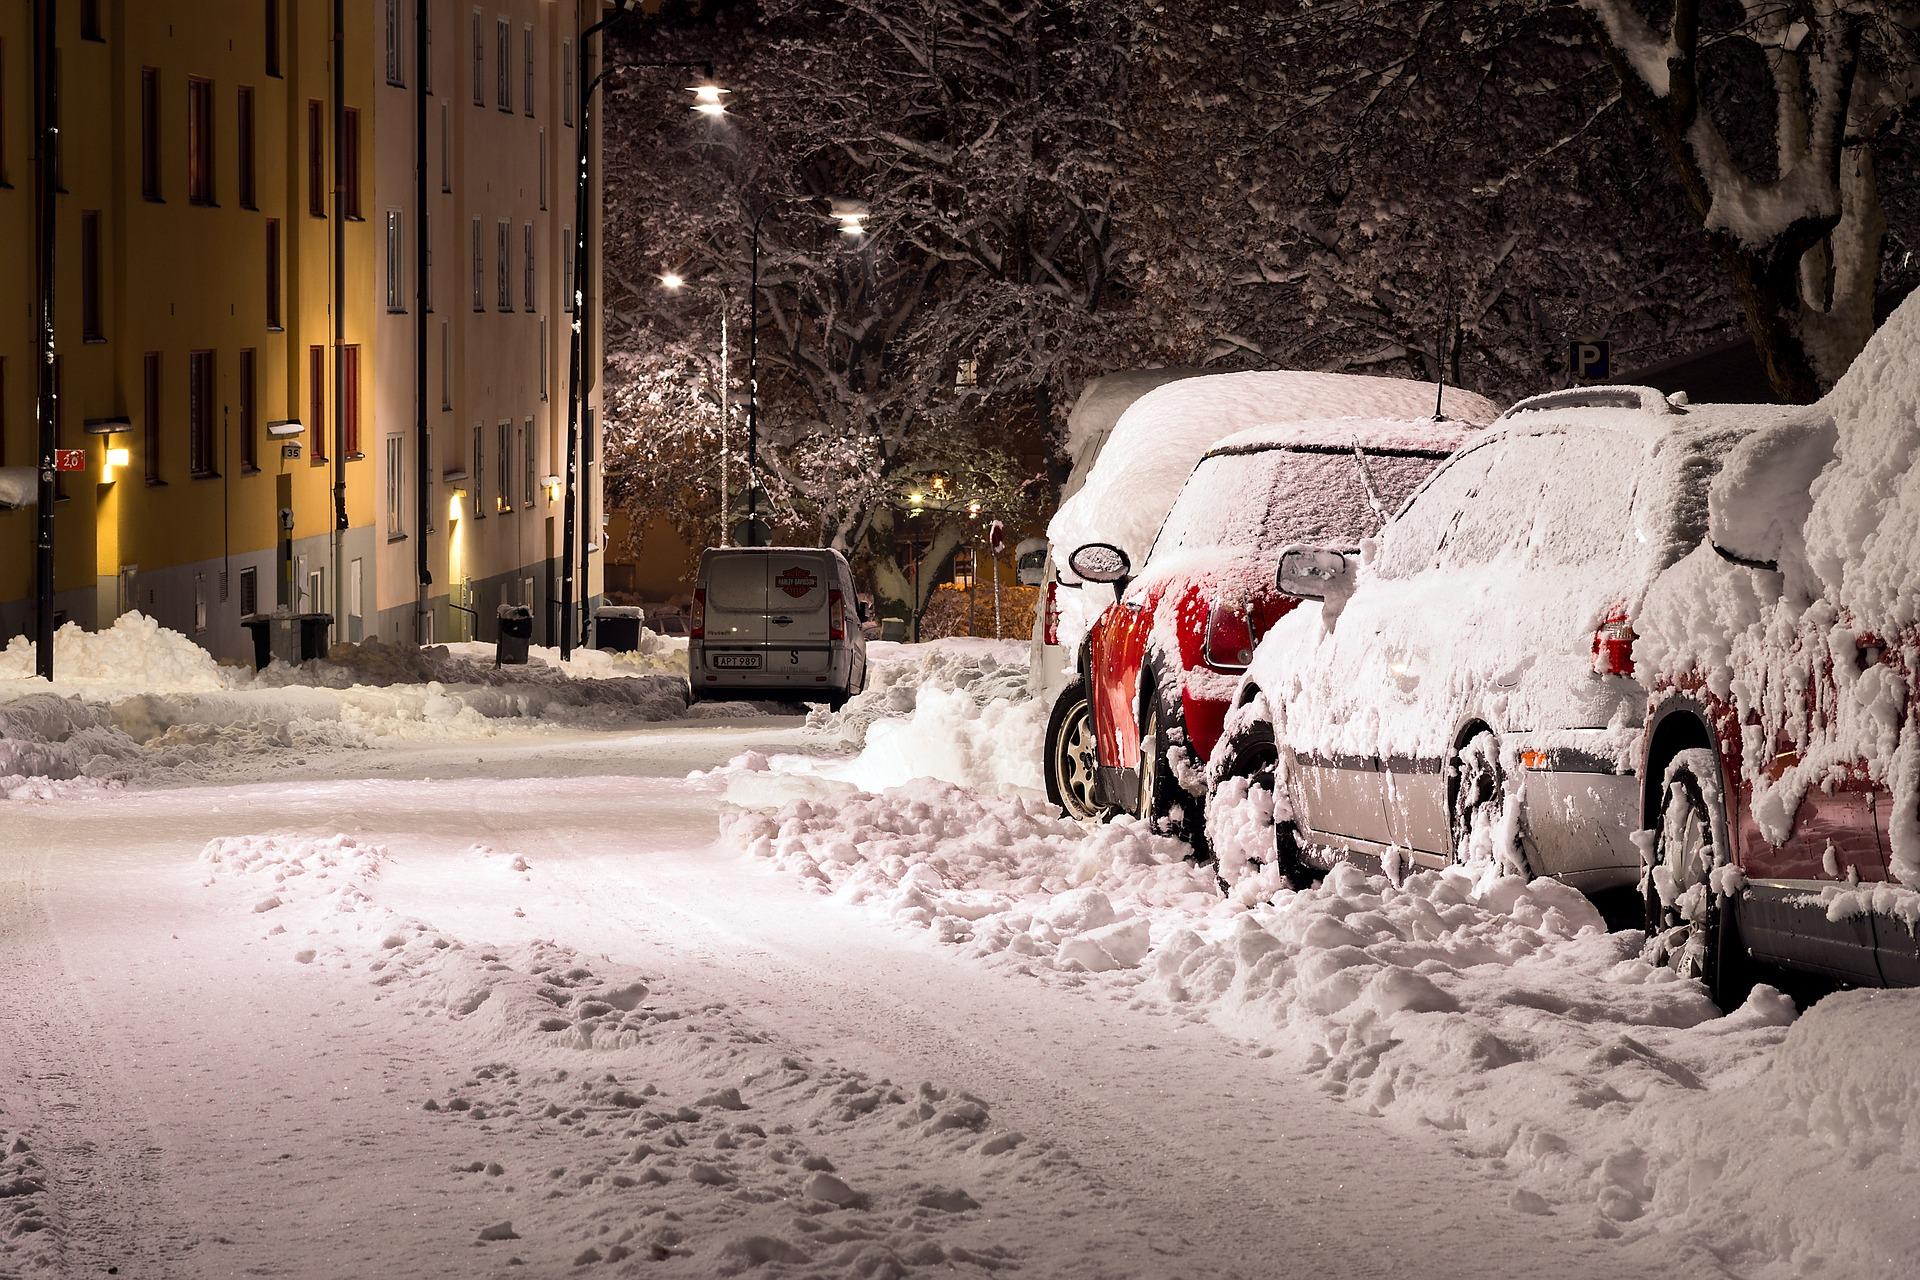 Le grand froid arrive : préparez votre voiture !